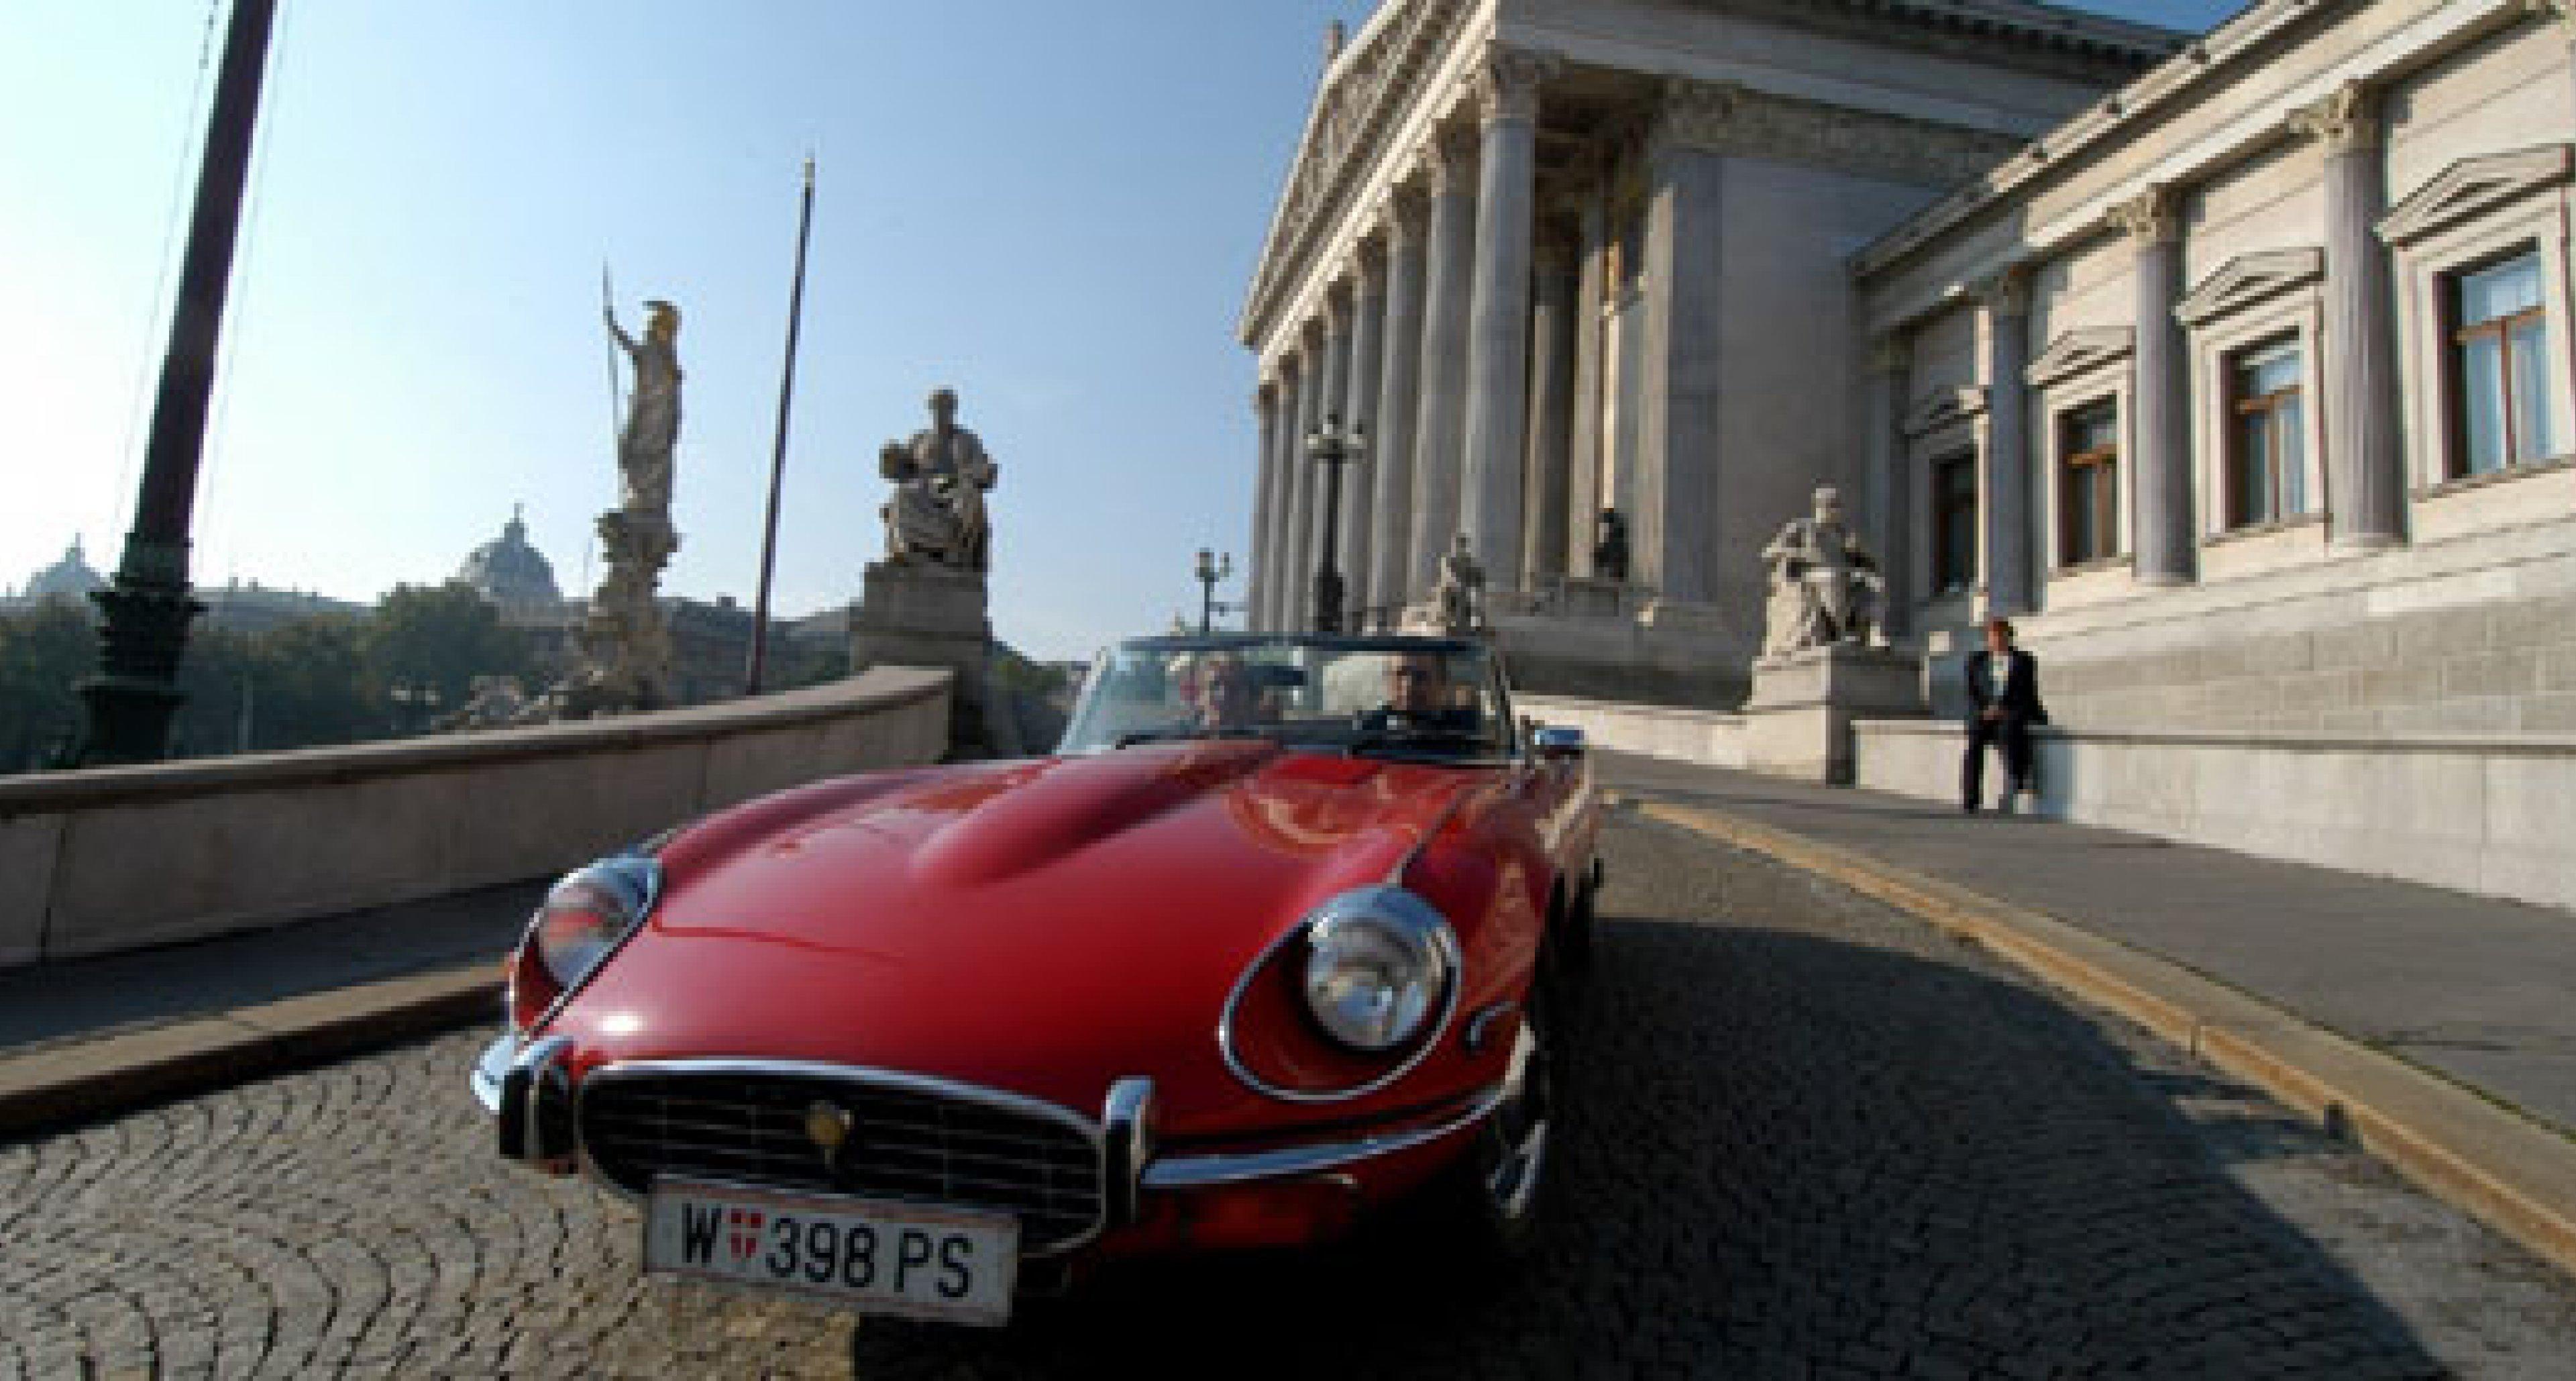 24 Stunden von Wien - Drei Tage Oldtimerfeeling in und um Wien